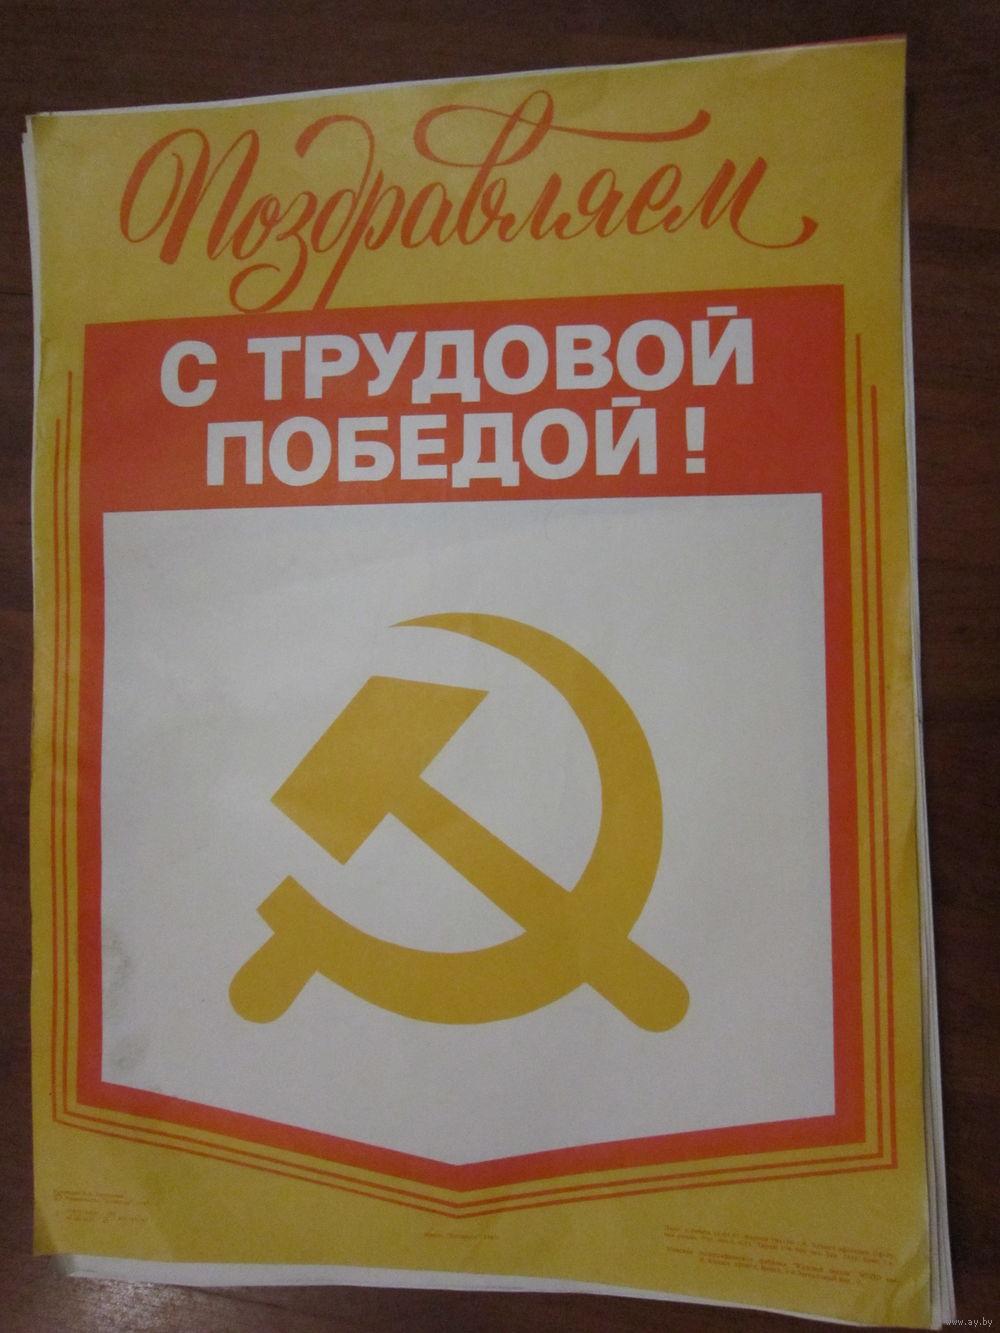 Поздравления с трудовой победой